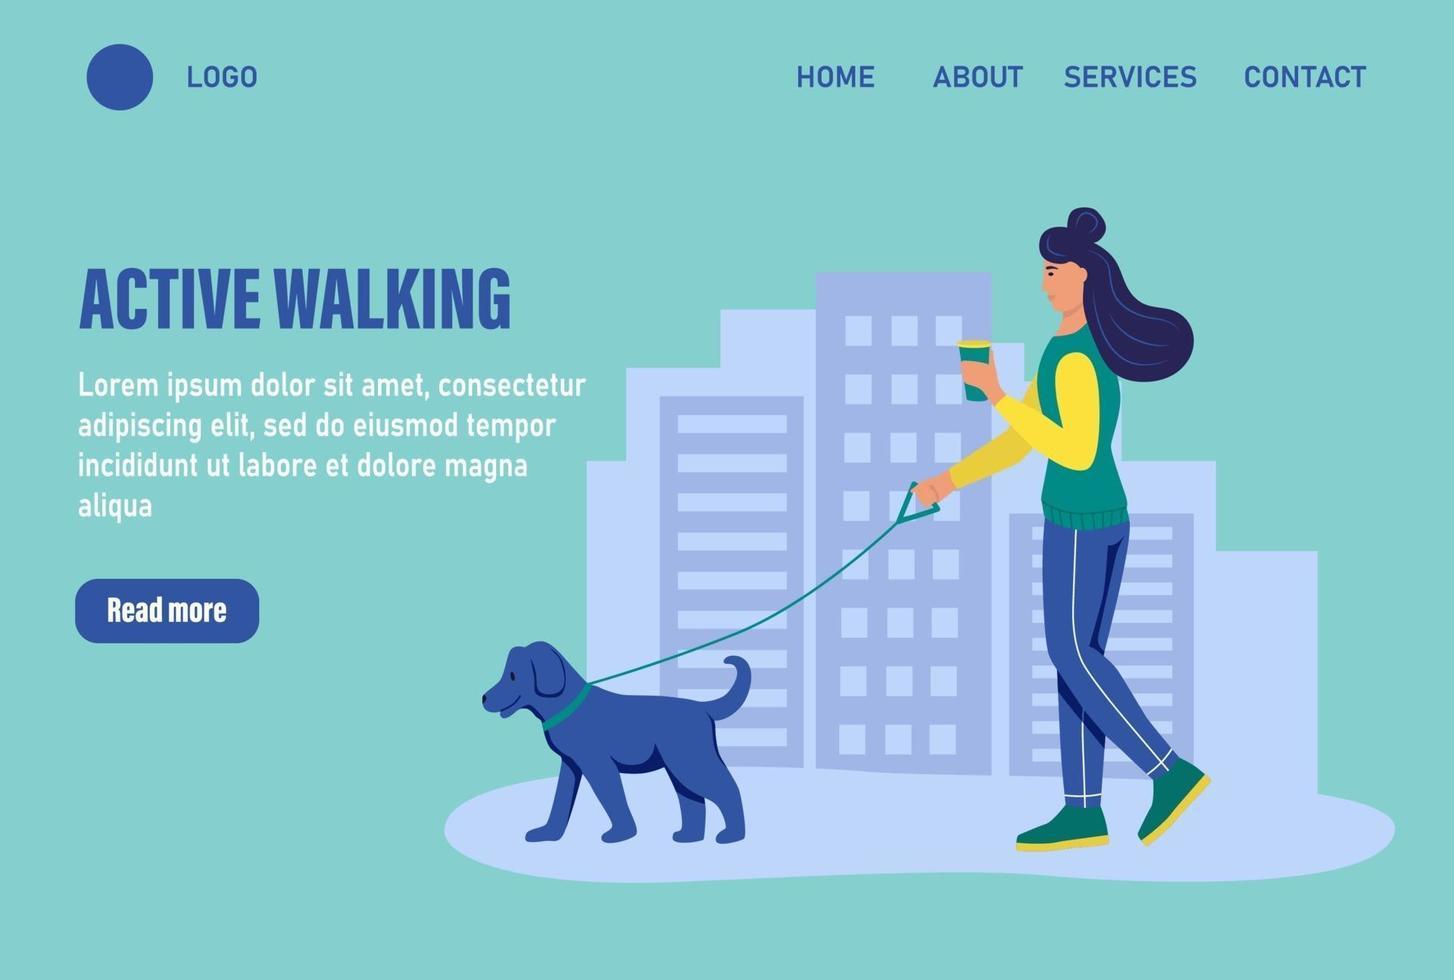 caminhada ativa. modelo de página da web de destino da página inicial do site. uma jovem leva seu cachorro para passear. o conceito de vida cotidiana, lazer cotidiano e atividades de trabalho. ilustração em vetor plana dos desenhos animados.